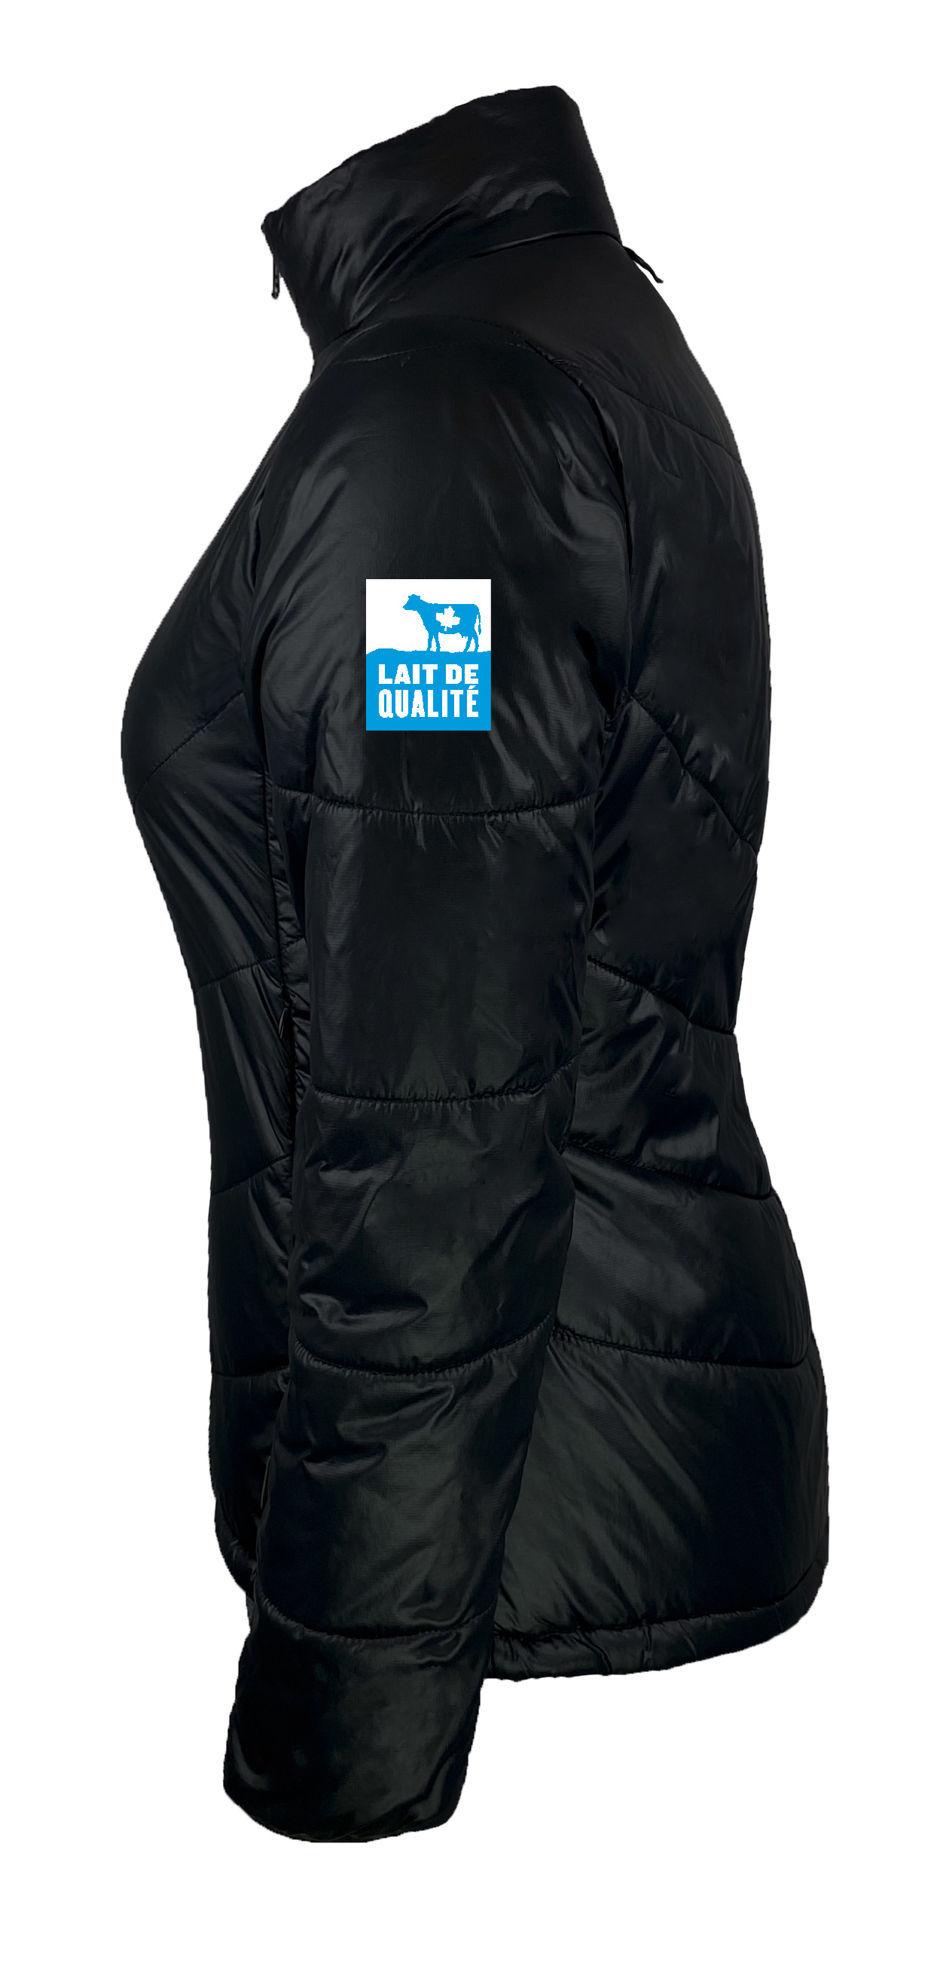 Image de Manteau polyvalent noir pour femmes